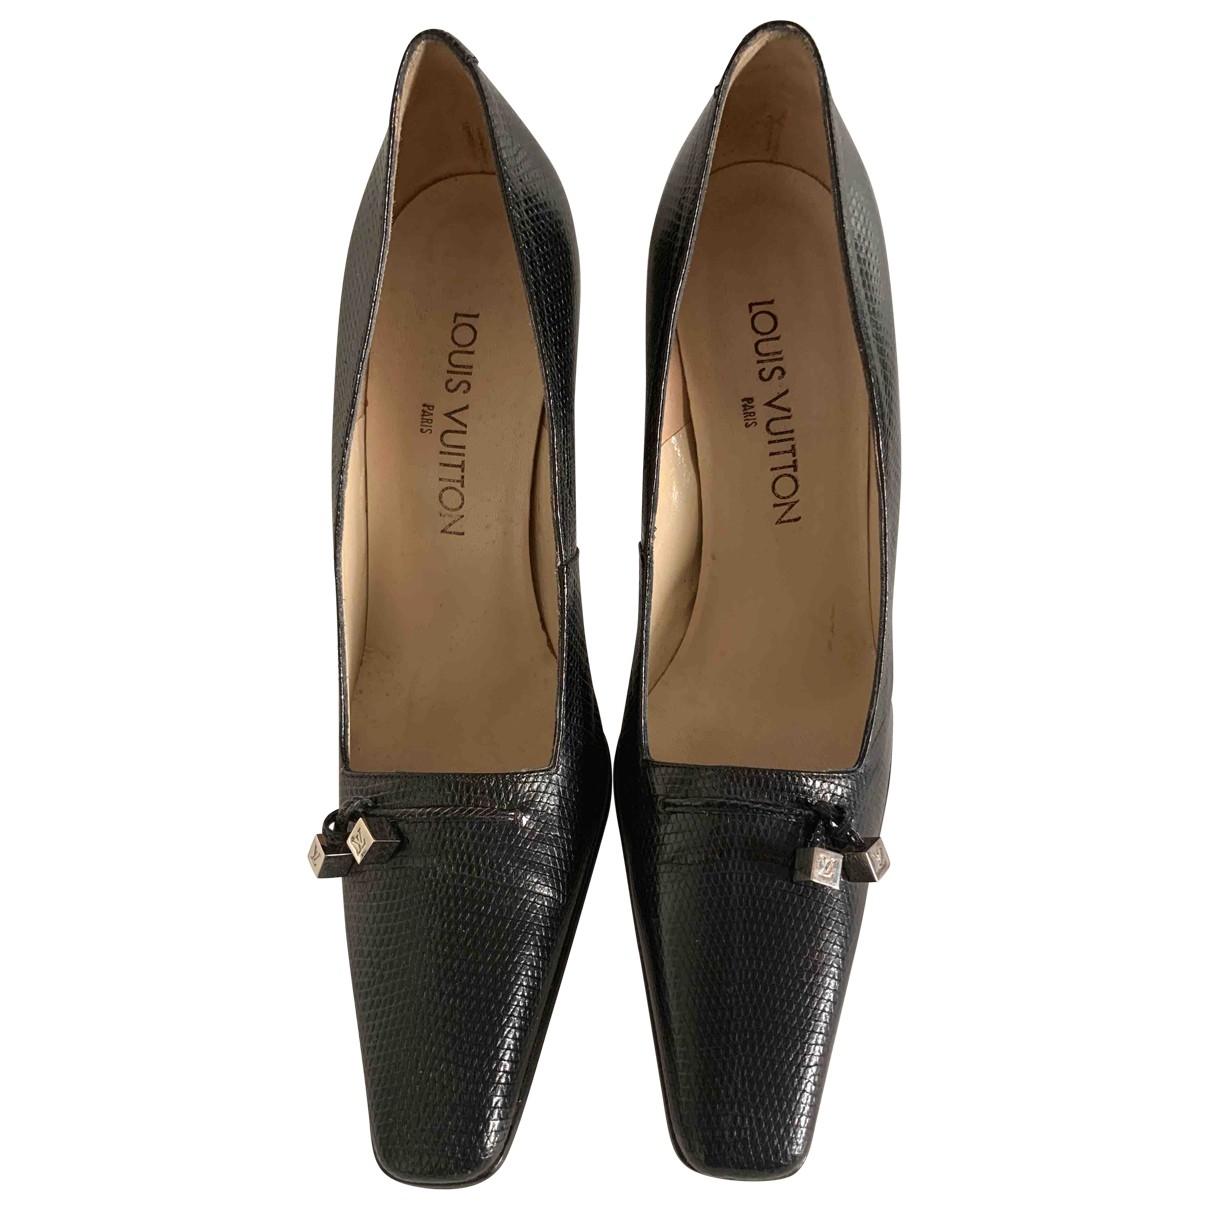 Louis Vuitton \N Black Lizard Heels for Women 38 EU